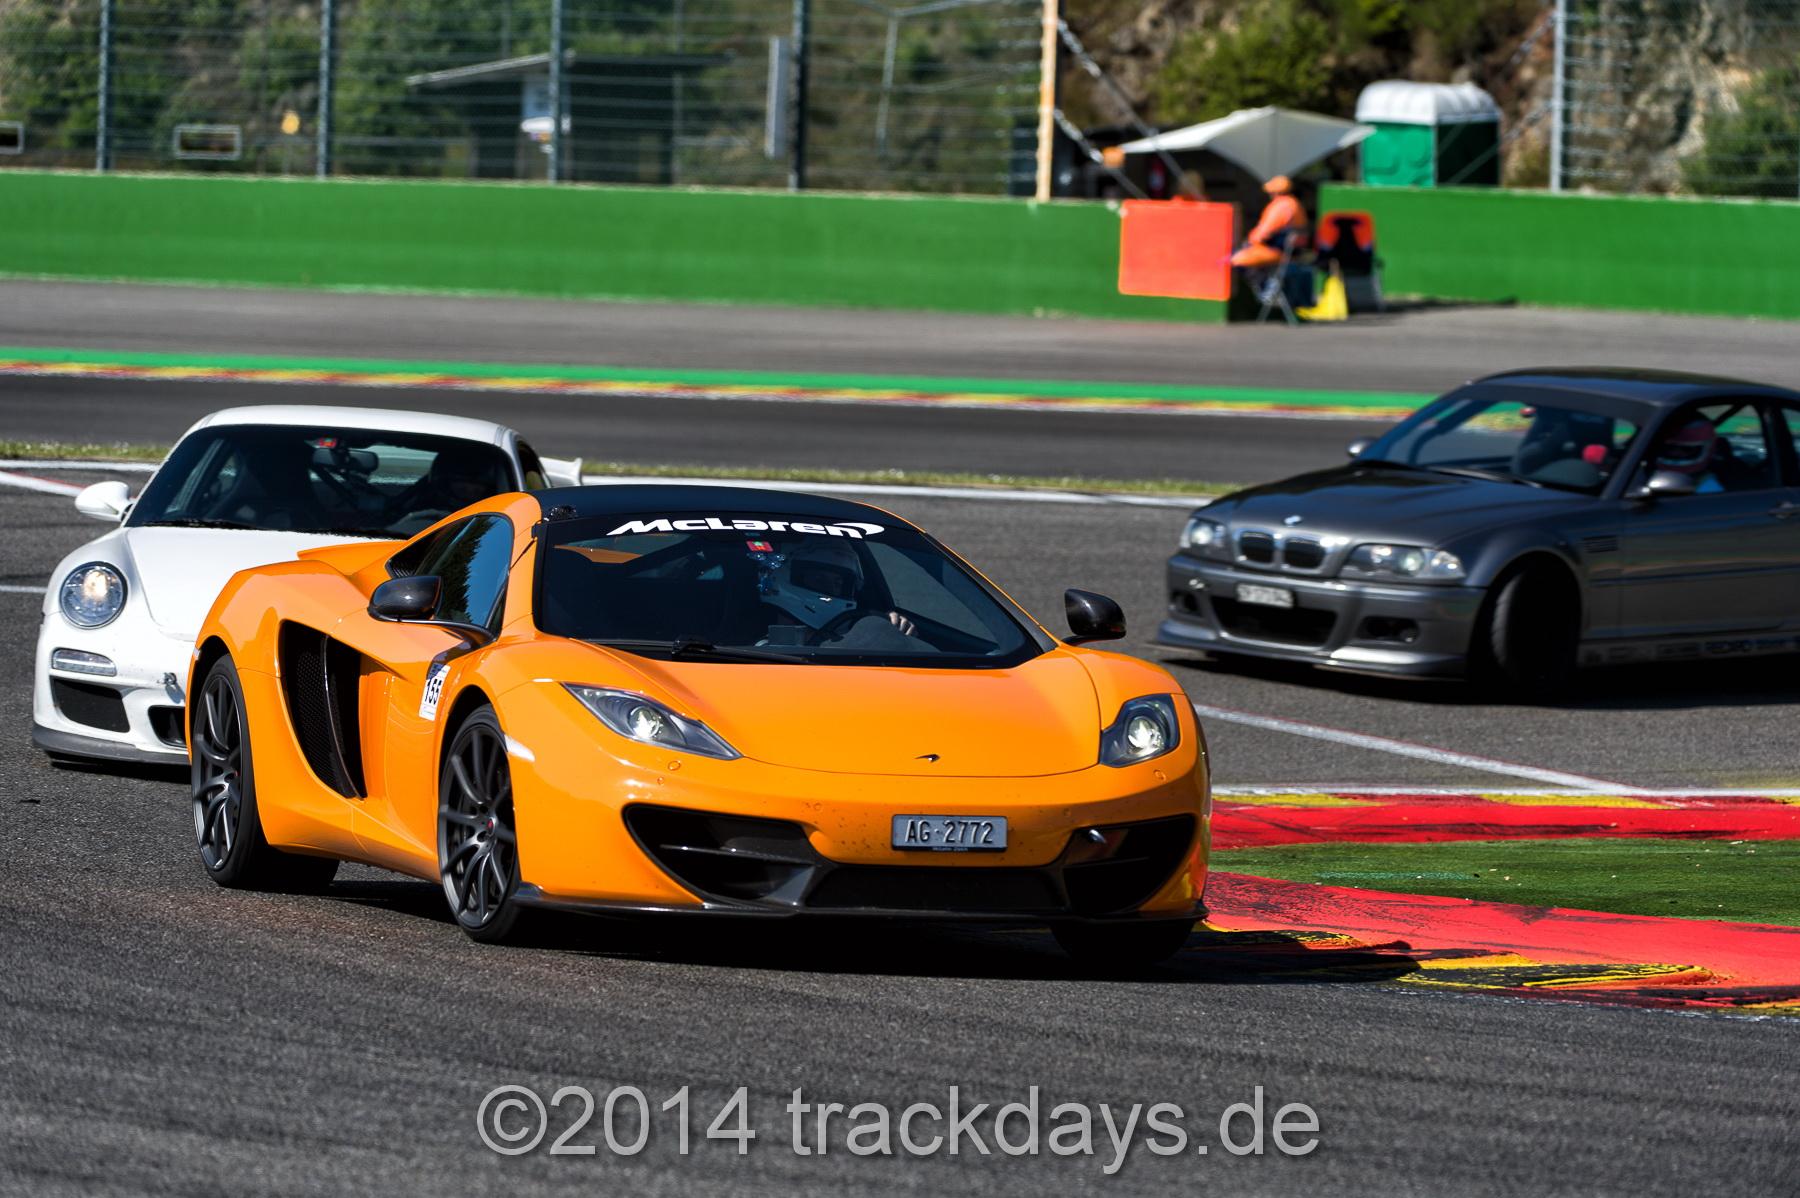 Trackdays.de @ Spa Francorchamps!